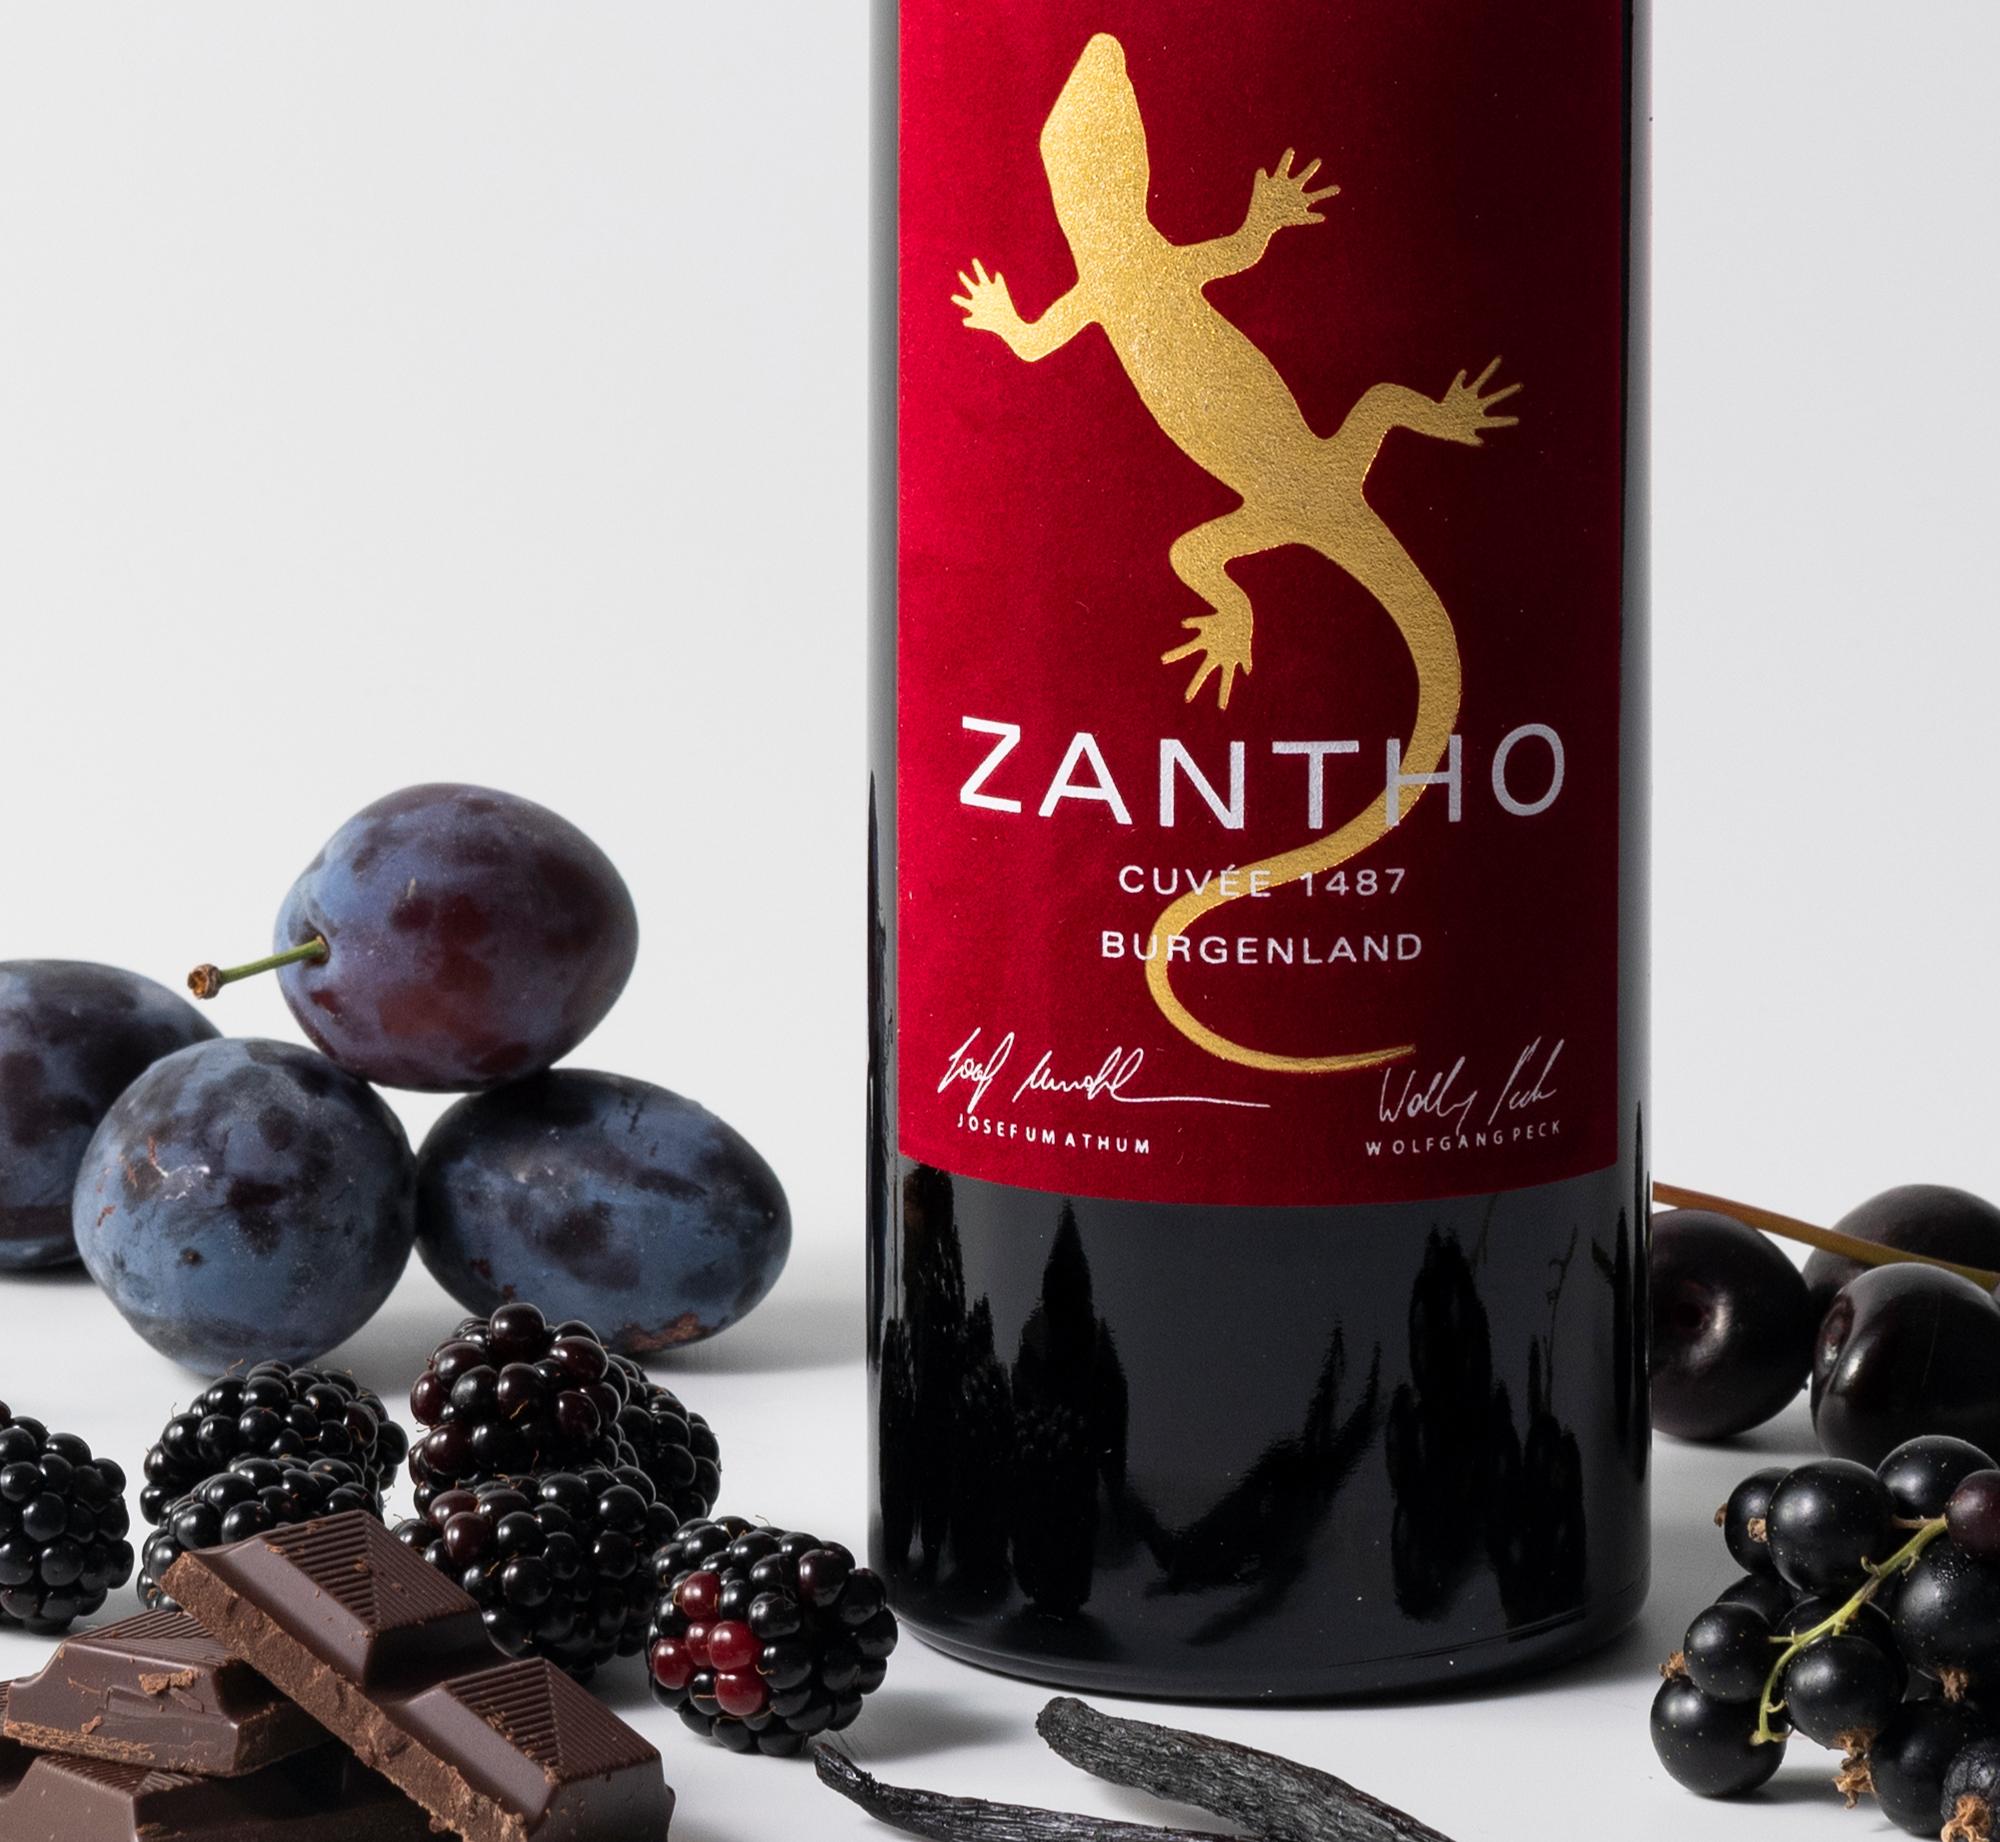 Zantho cuvee ©ralphdarabos